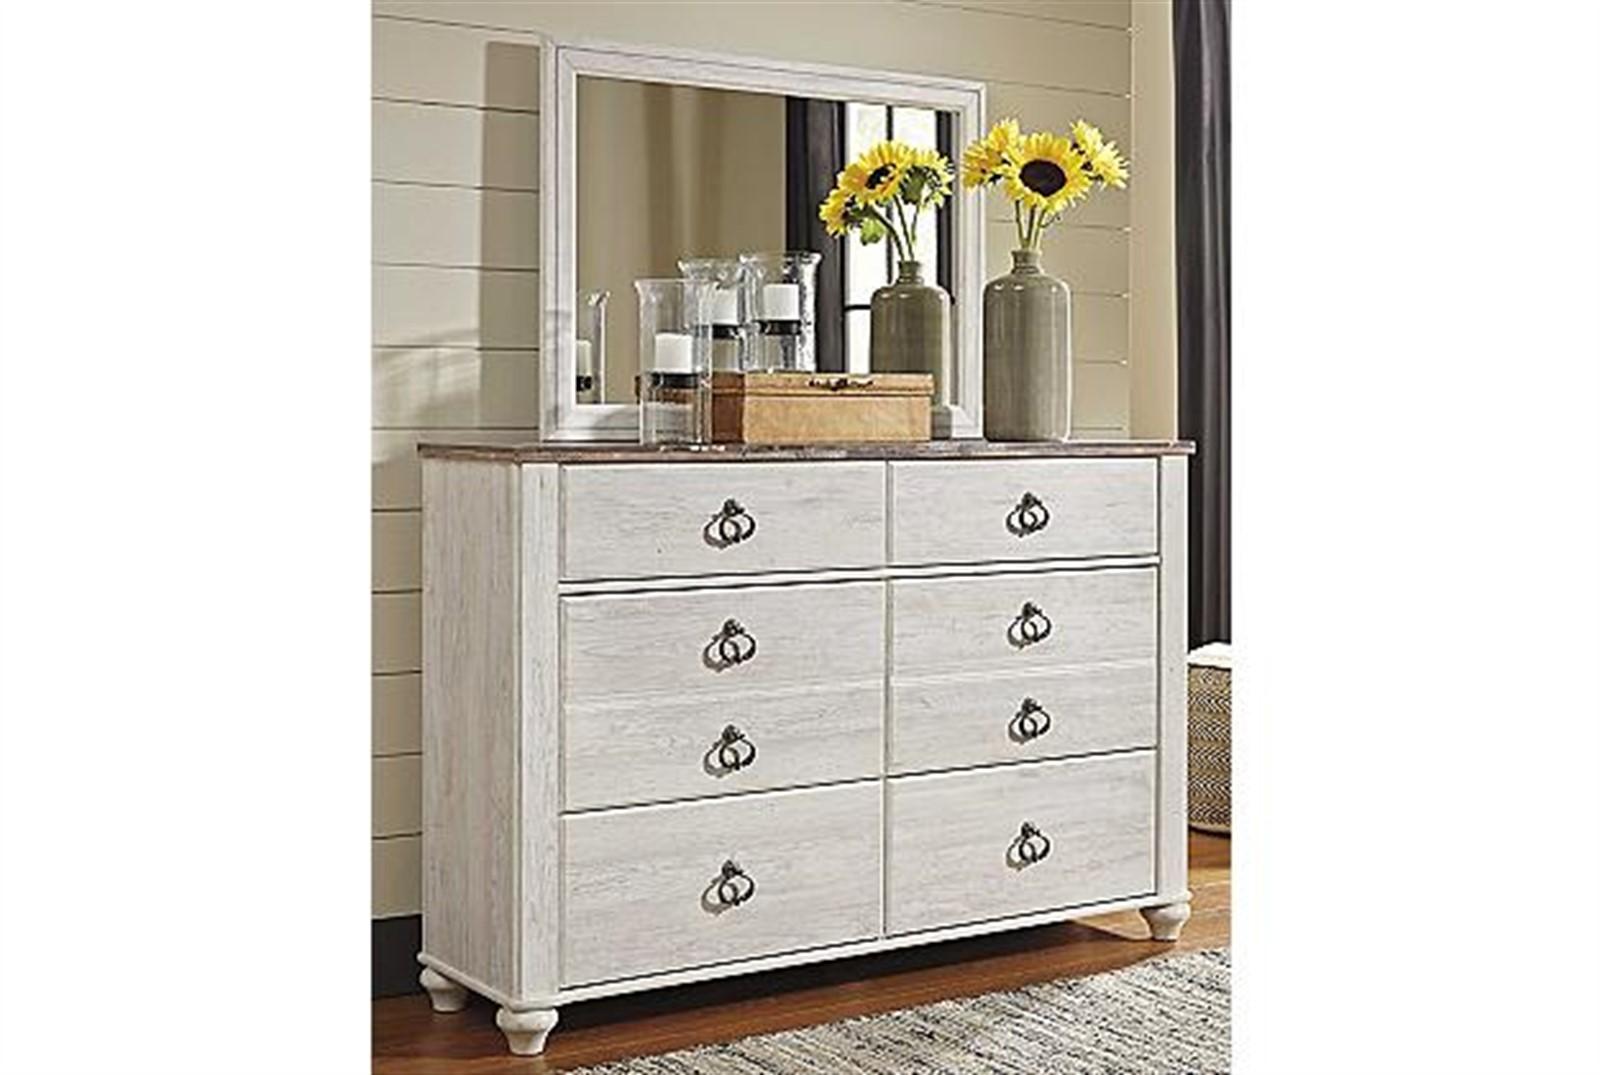 Willowton Dresser and Mirror Set - Whitewash